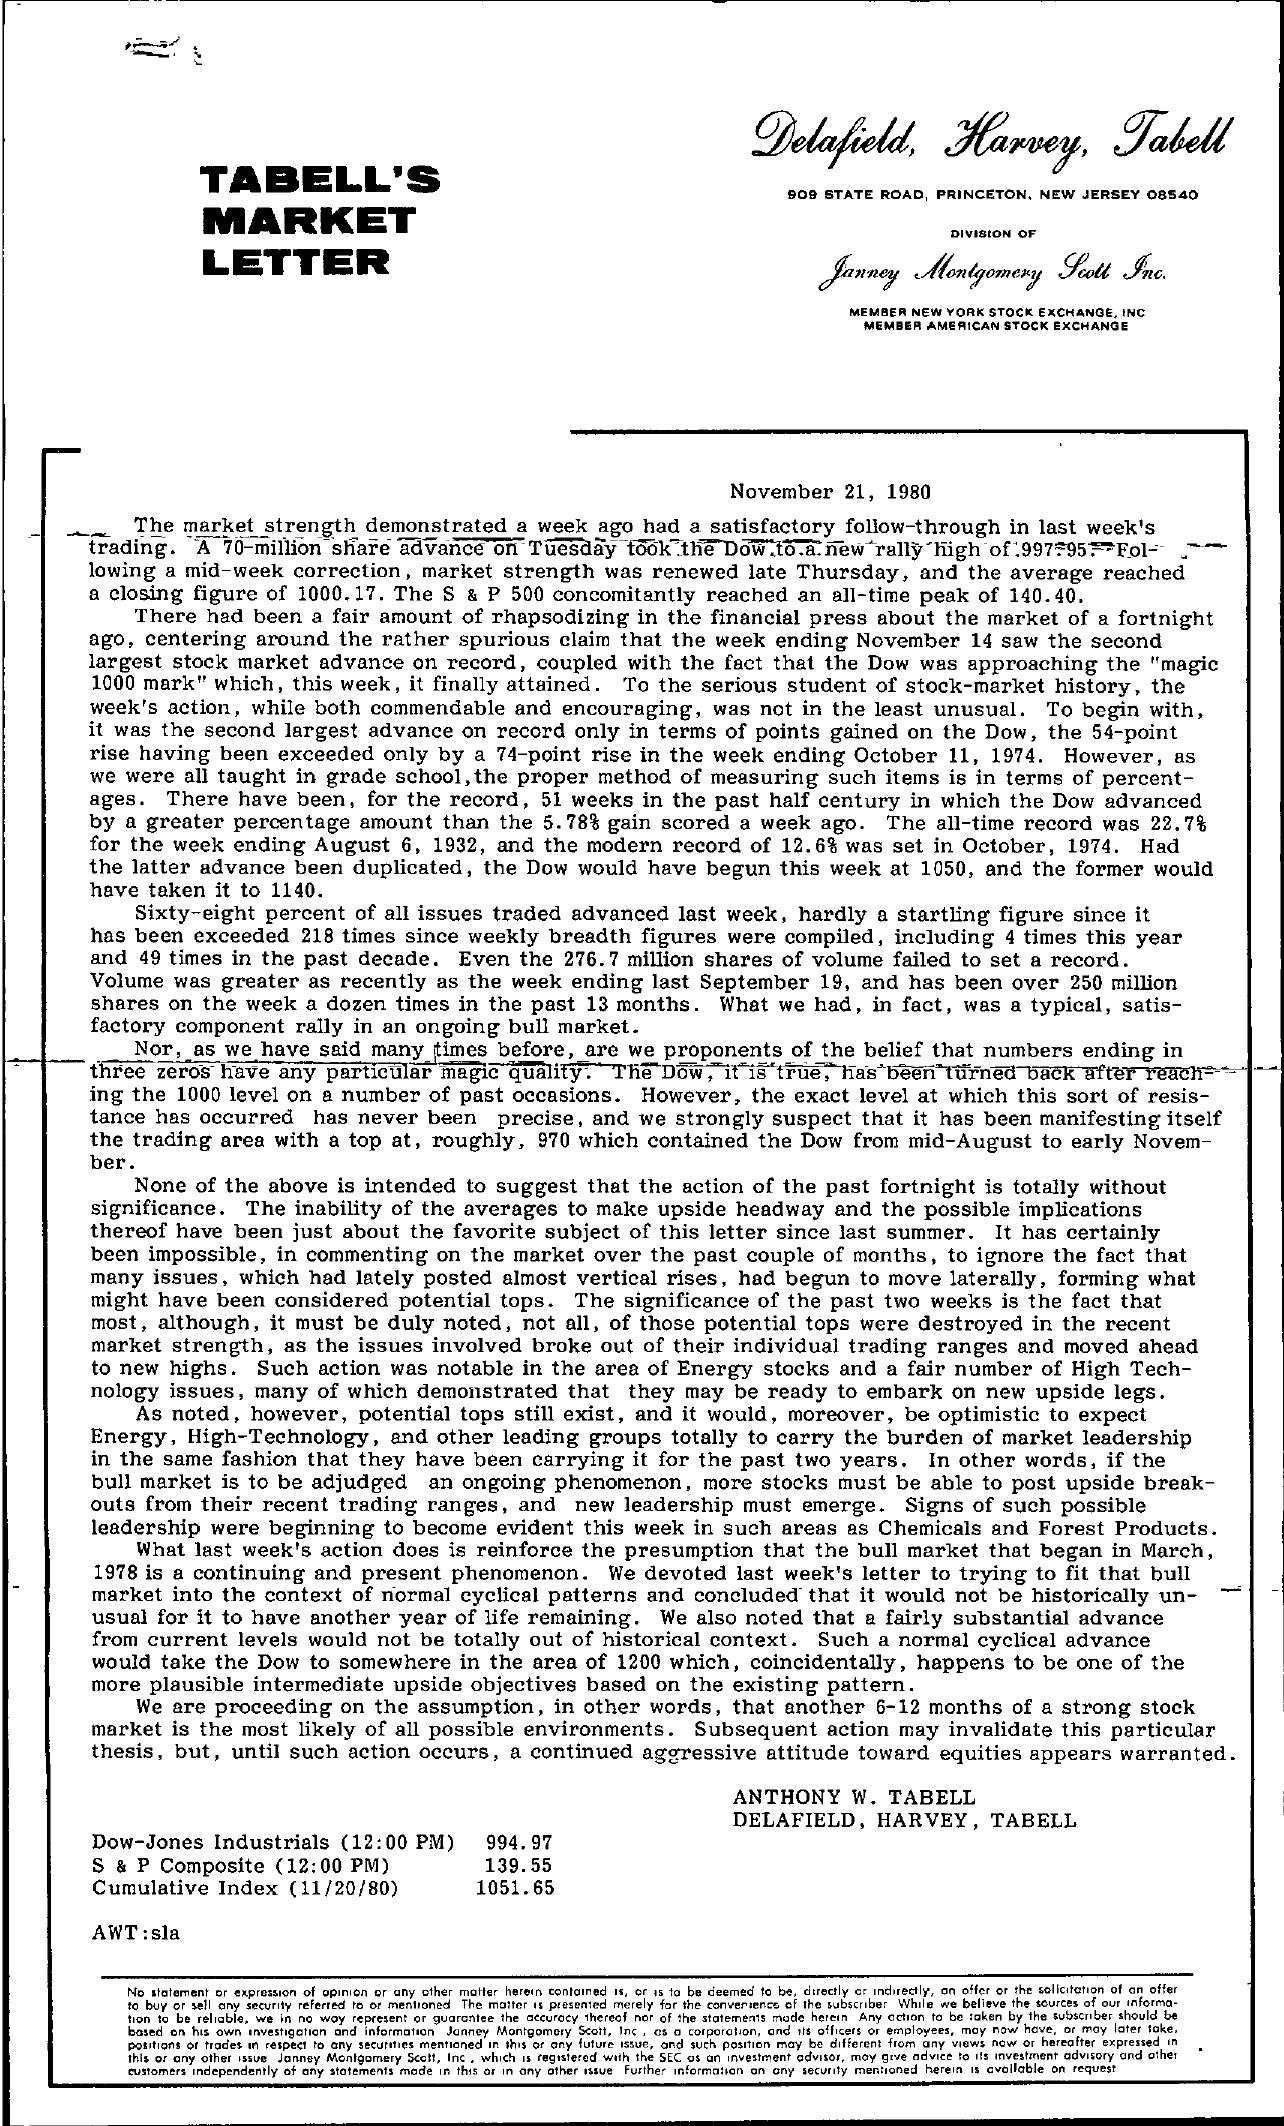 Tabell's Market Letter - November 21, 1980